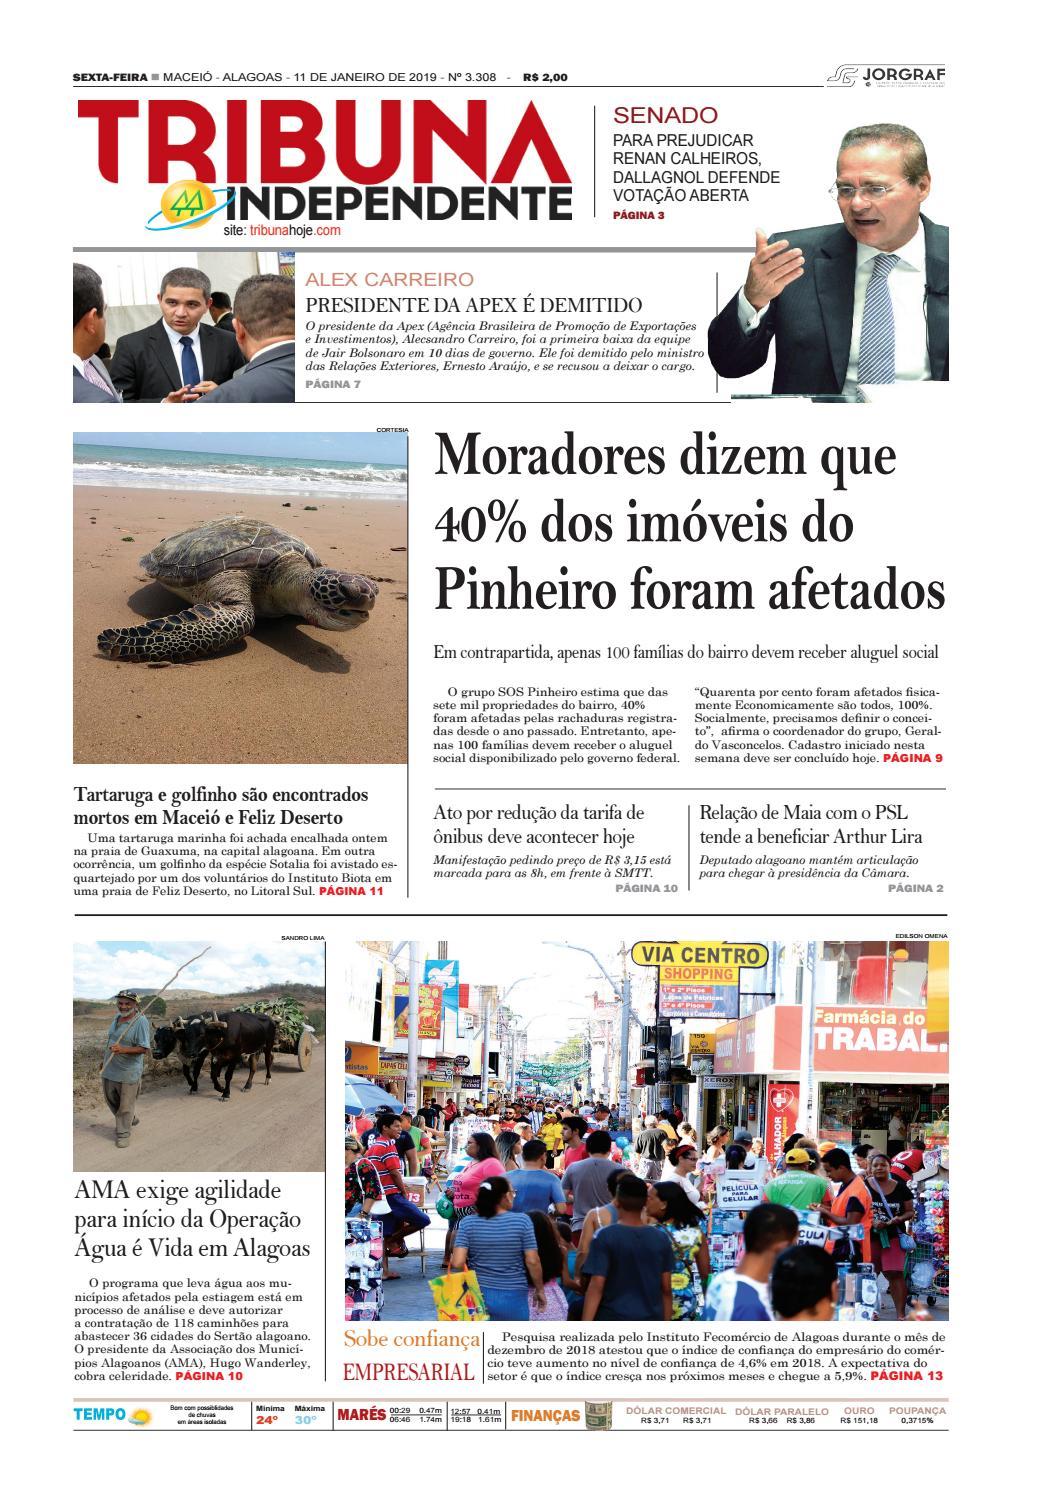 b4a24ea787b Edição número 3308 – 11 de janeiro de 2019 by Tribuna Hoje - issuu